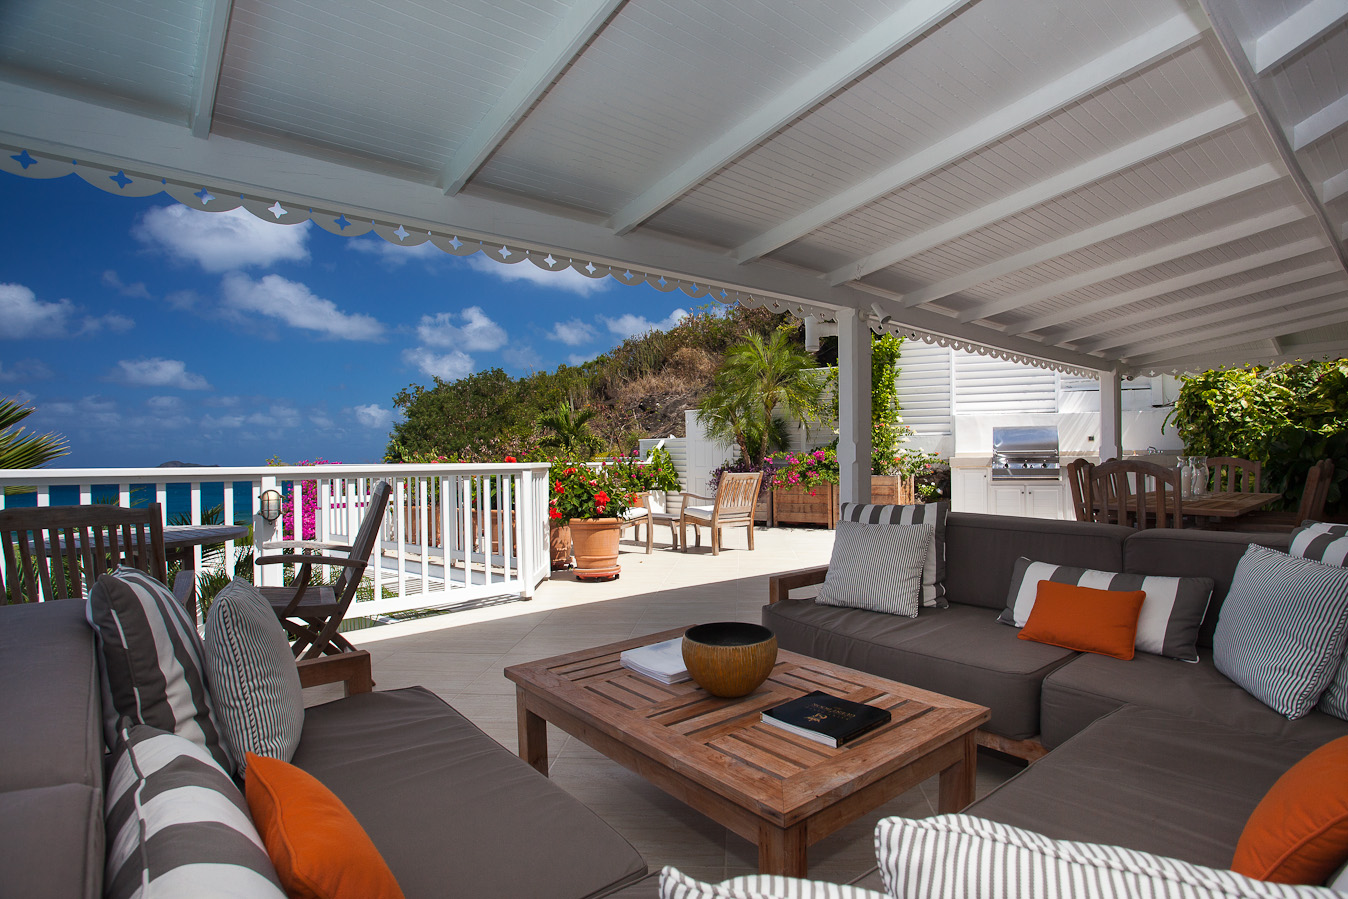 Villa Luz - Privacy Villa for Rent St Barth with Maid Service - Terrace